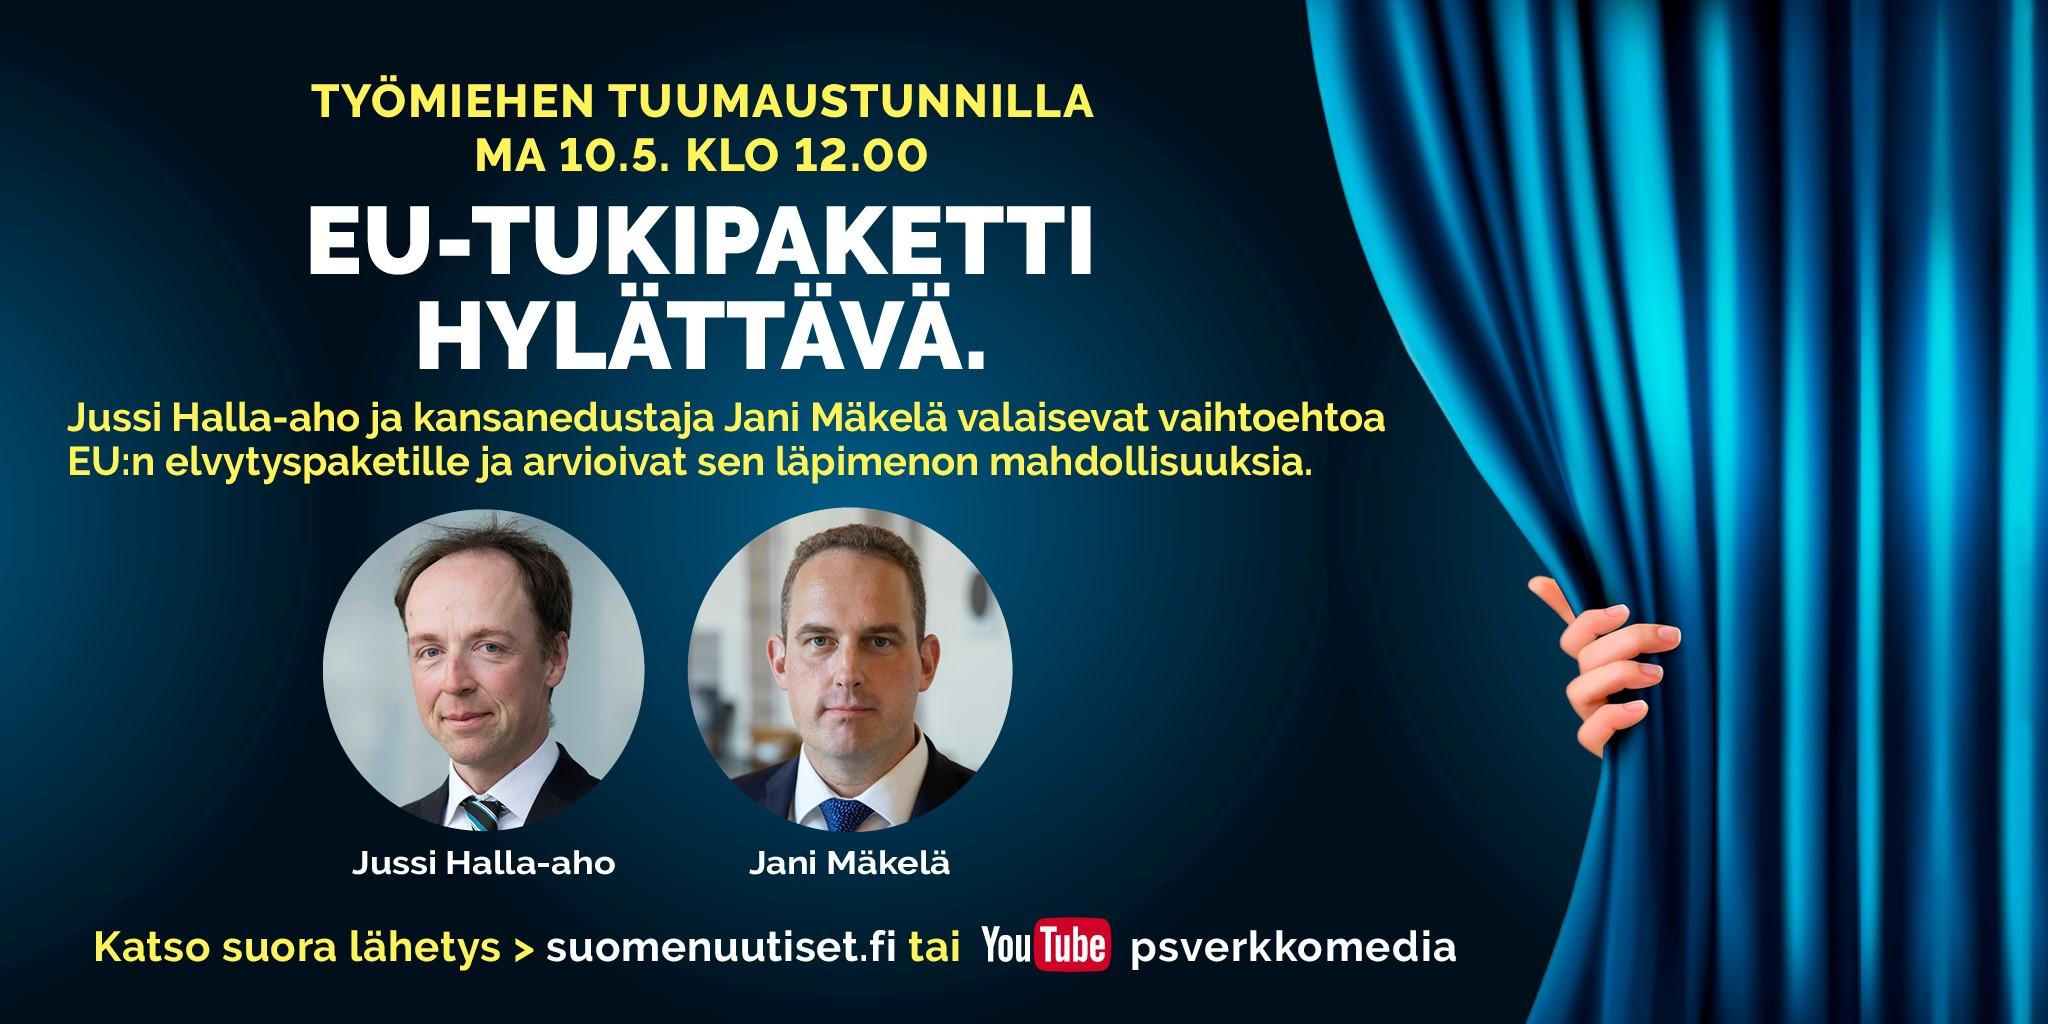 Tulossa maanantain Tuumaustunnilla: Halla-aho ja Mäkelä vaativat EU-tukipaketin hylkäämistä